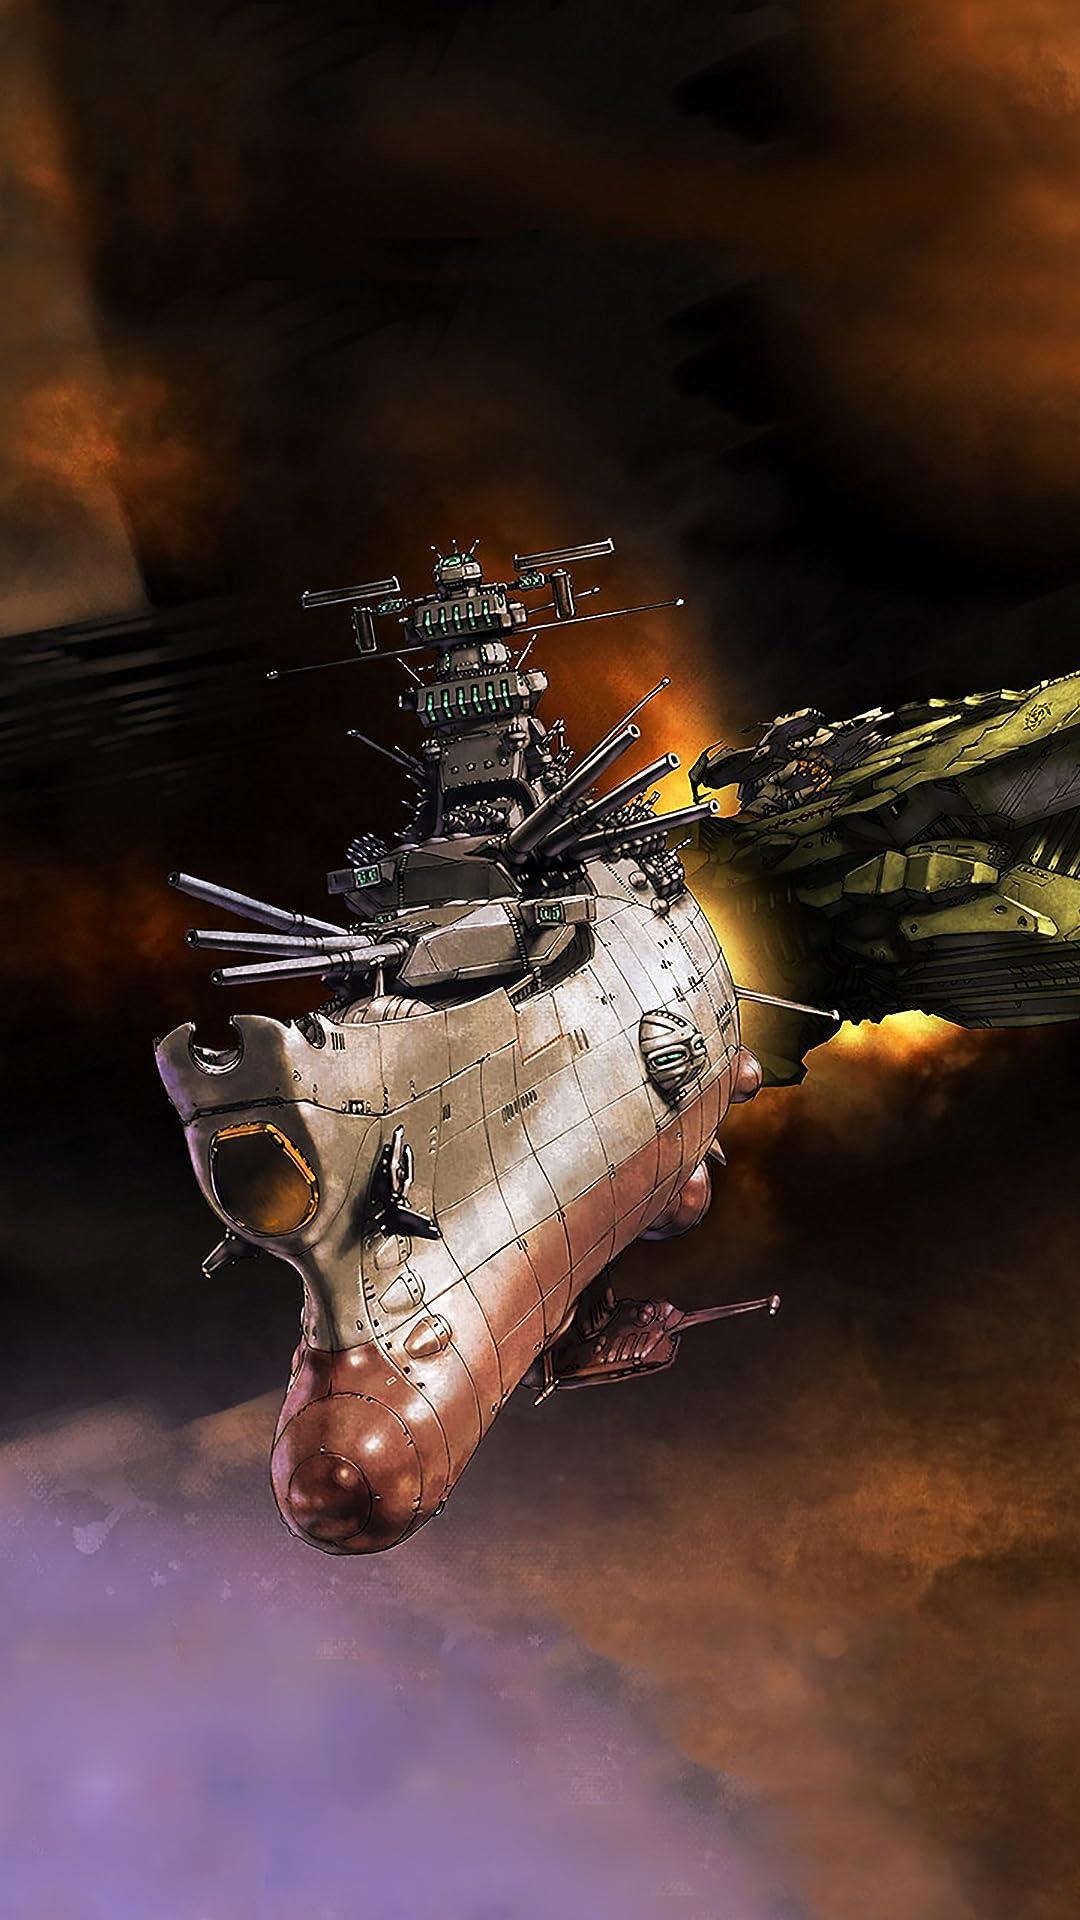 宇宙戦艦ヤマト 宇宙戦艦ヤマト2199 深宇宙の魔響 フルhd 1080